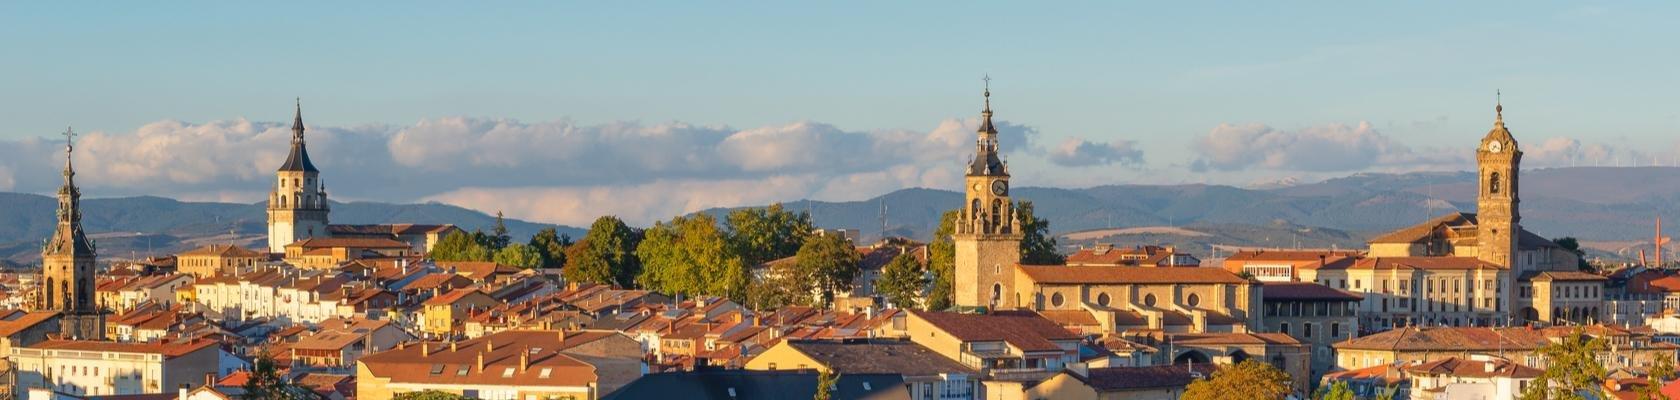 Vitoria-Gasteiz: de hoofdstad van Baskenland